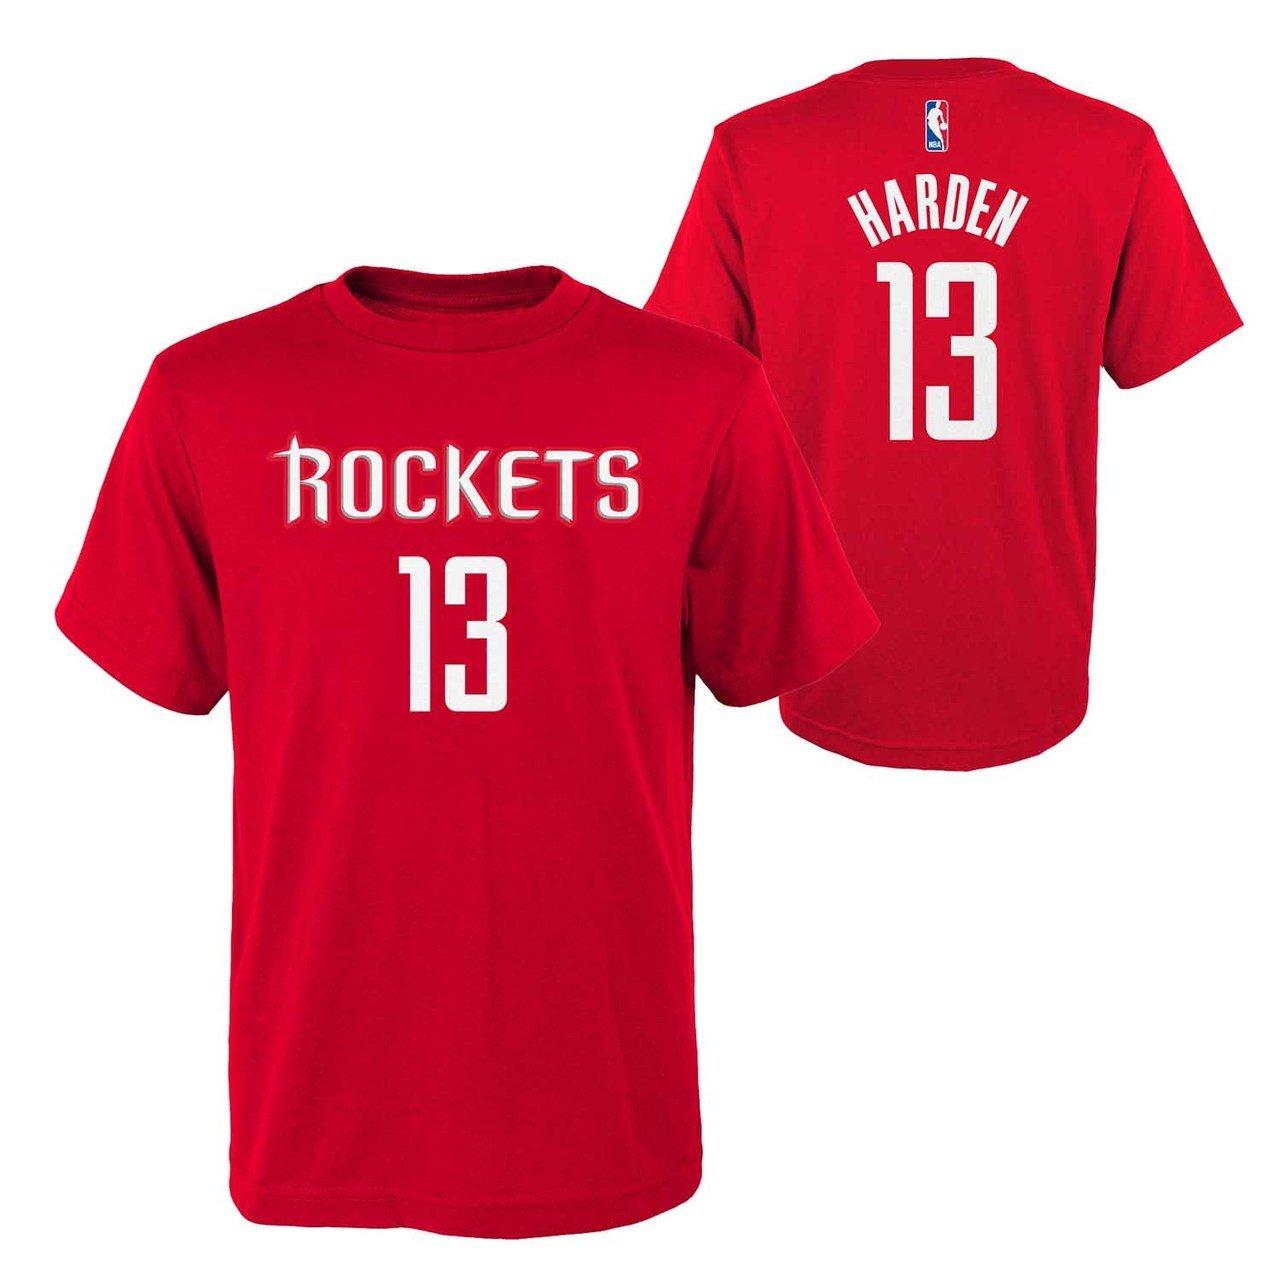 新品同様 Houston Rockets NBA James HardenフラットBasic Youth Rockets Name & Name Number Number Tee (レッド) M B0767XNK3Y, Smile Tree:5efb49c6 --- narvafouette.eu